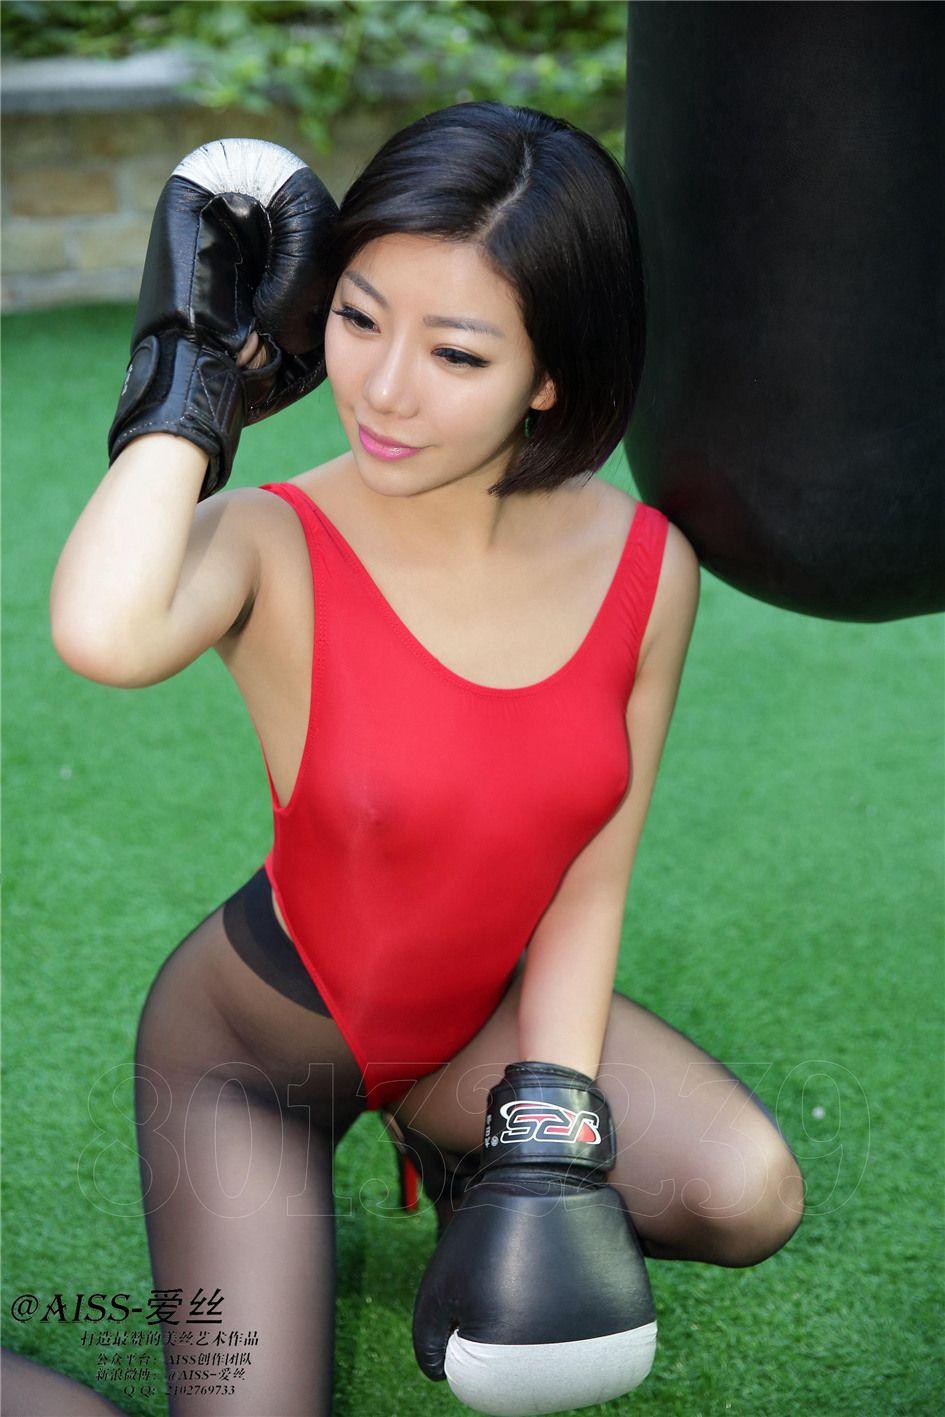 [爱丝]美女丝袜图片第056期萱萱